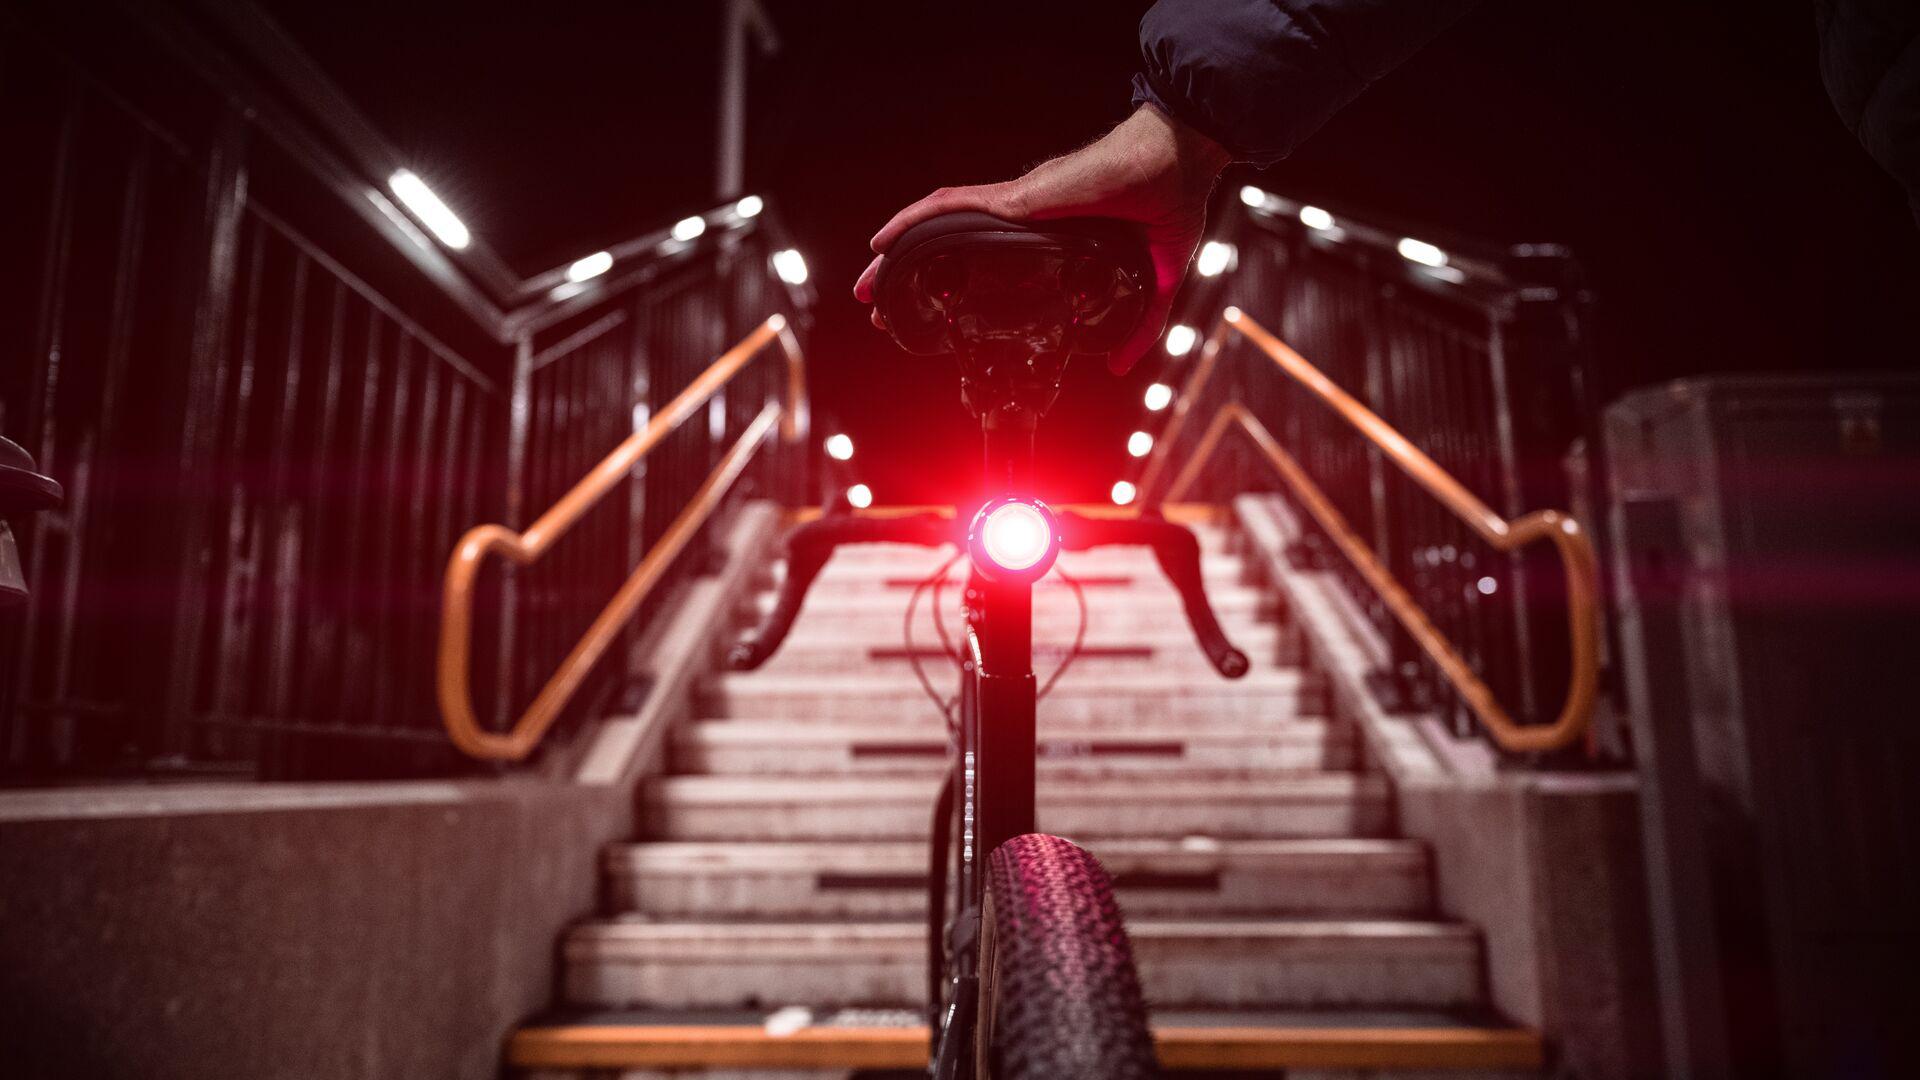 Ein Fahrrad steht vor einer Treppe, am Rad angebracht ist das smarte Vodafone Curve Bike Rücklicht.